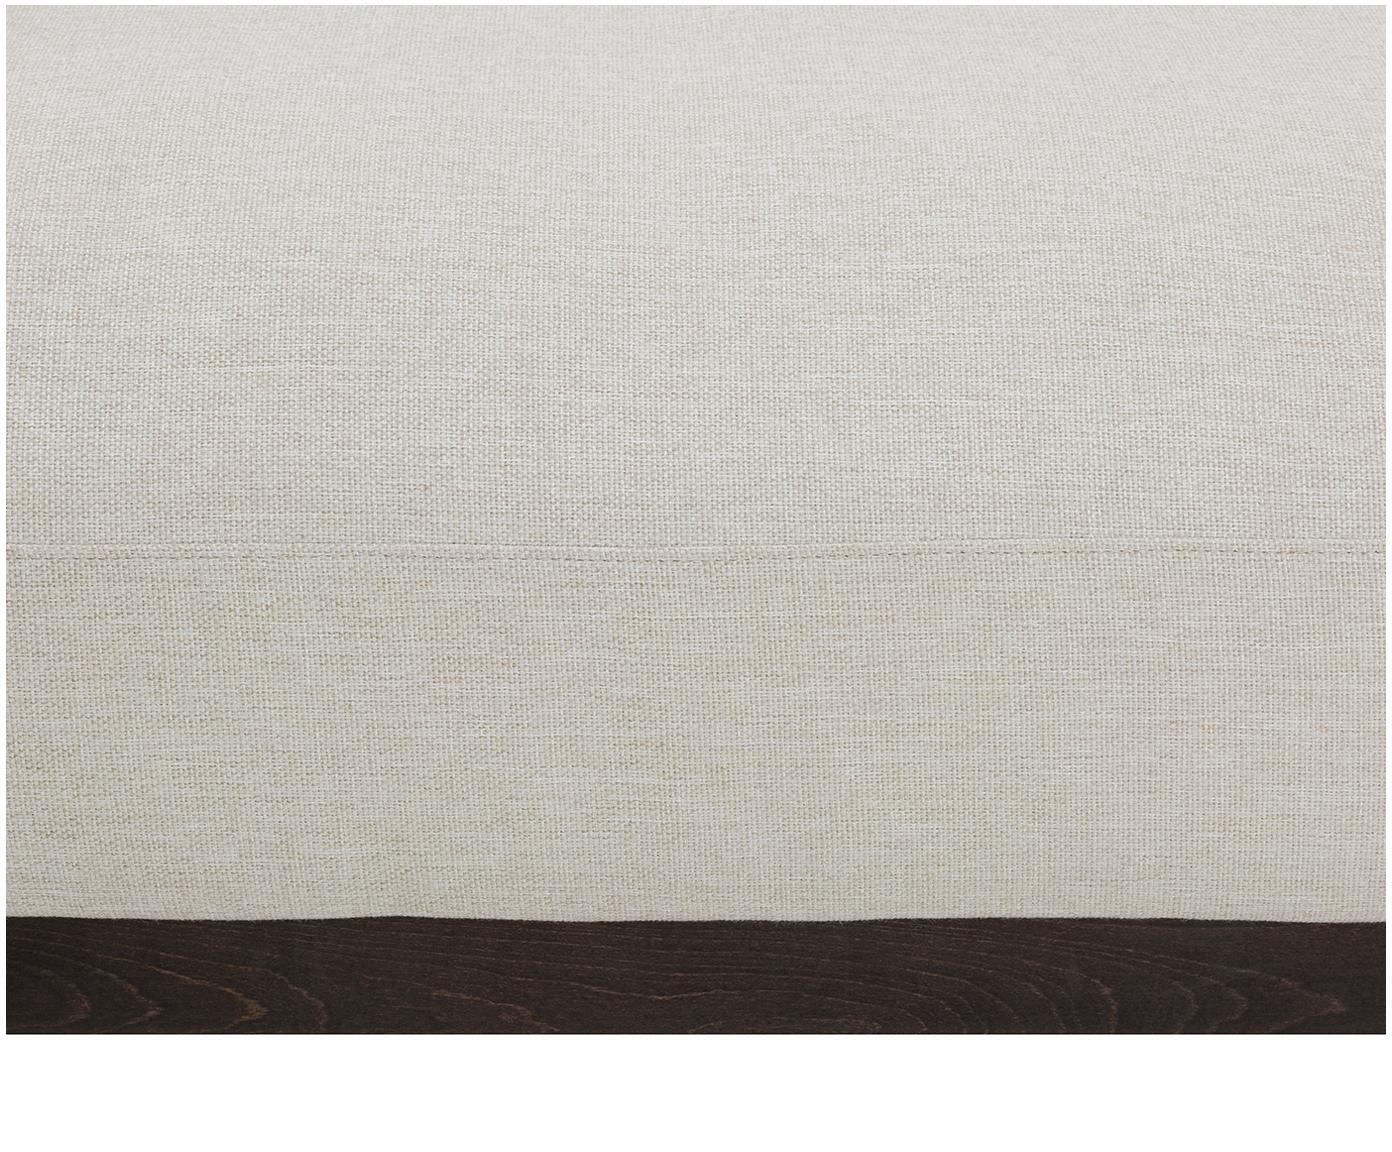 Sofa Brooks (3-osobowa), Tapicerka: poliester 35000 cykli w , Stelaż: lite drewno sosnowe, Nogi: metal malowany proszkowo, Beżowy, S 230 x G 98 cm